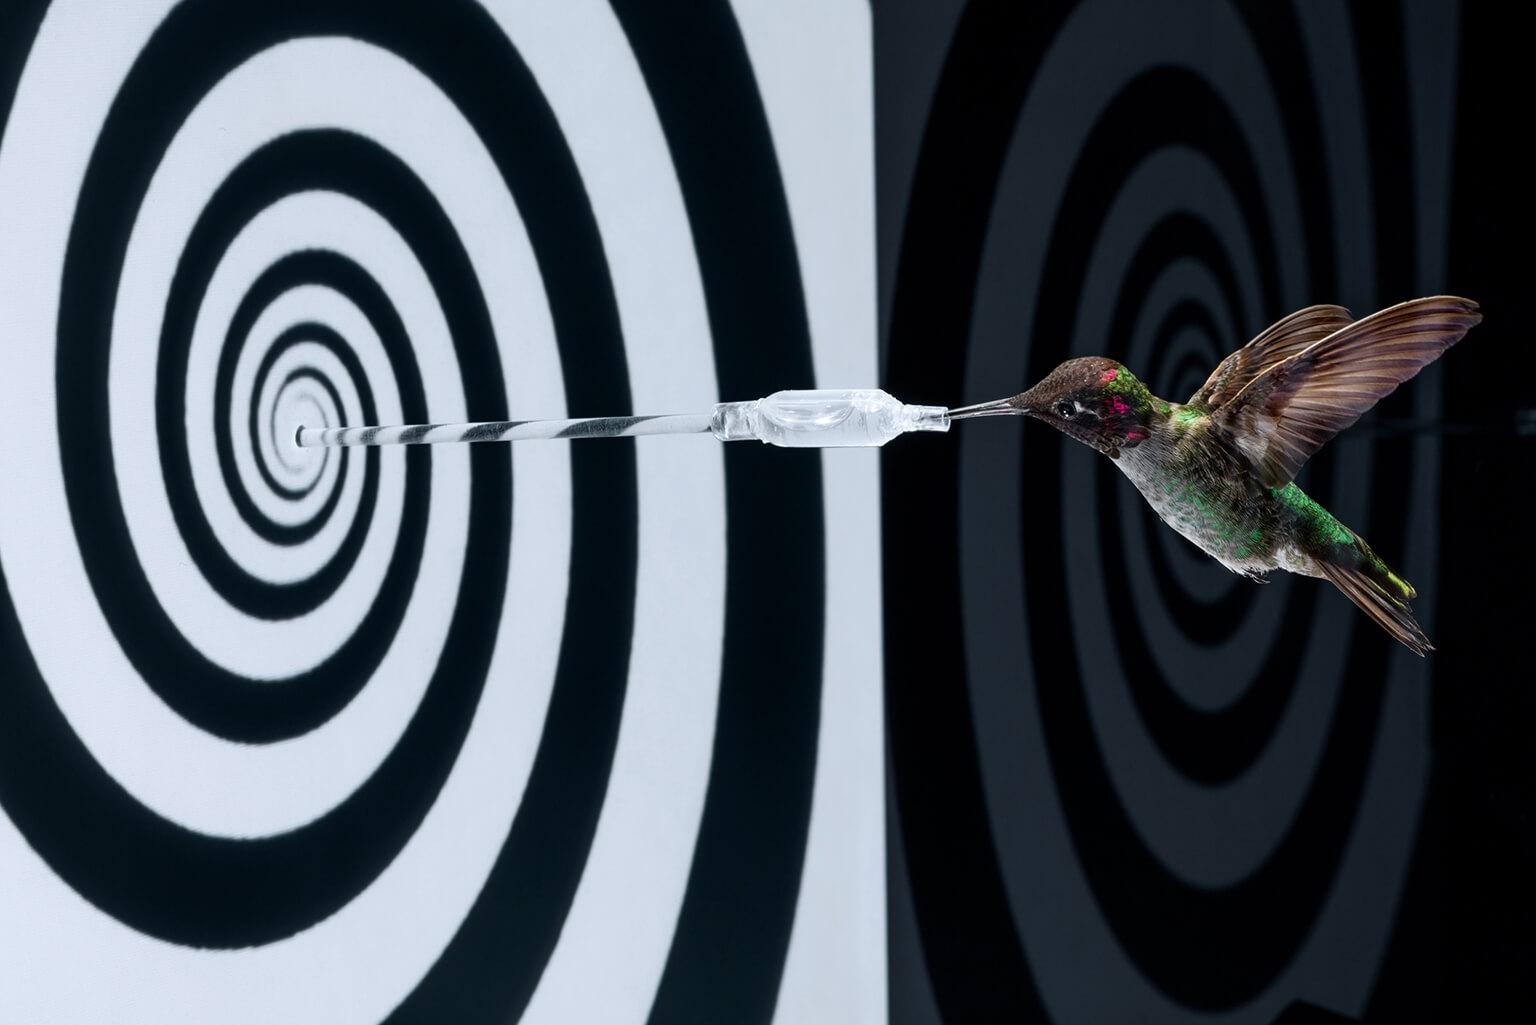 一隻人工飼養的朱紅蜂鳥在視錯覺圖像前方盤旋取食,這項實驗重現了蜂鳥飛行時相當仰賴視覺。當螺旋形圖像旋轉時,蜂鳥會產生向前移動的錯覺而切換成「倒車檔模式」並將鳥喙抽離餵食器。  攝影:亞南德.瓦瑪 Anand Varma